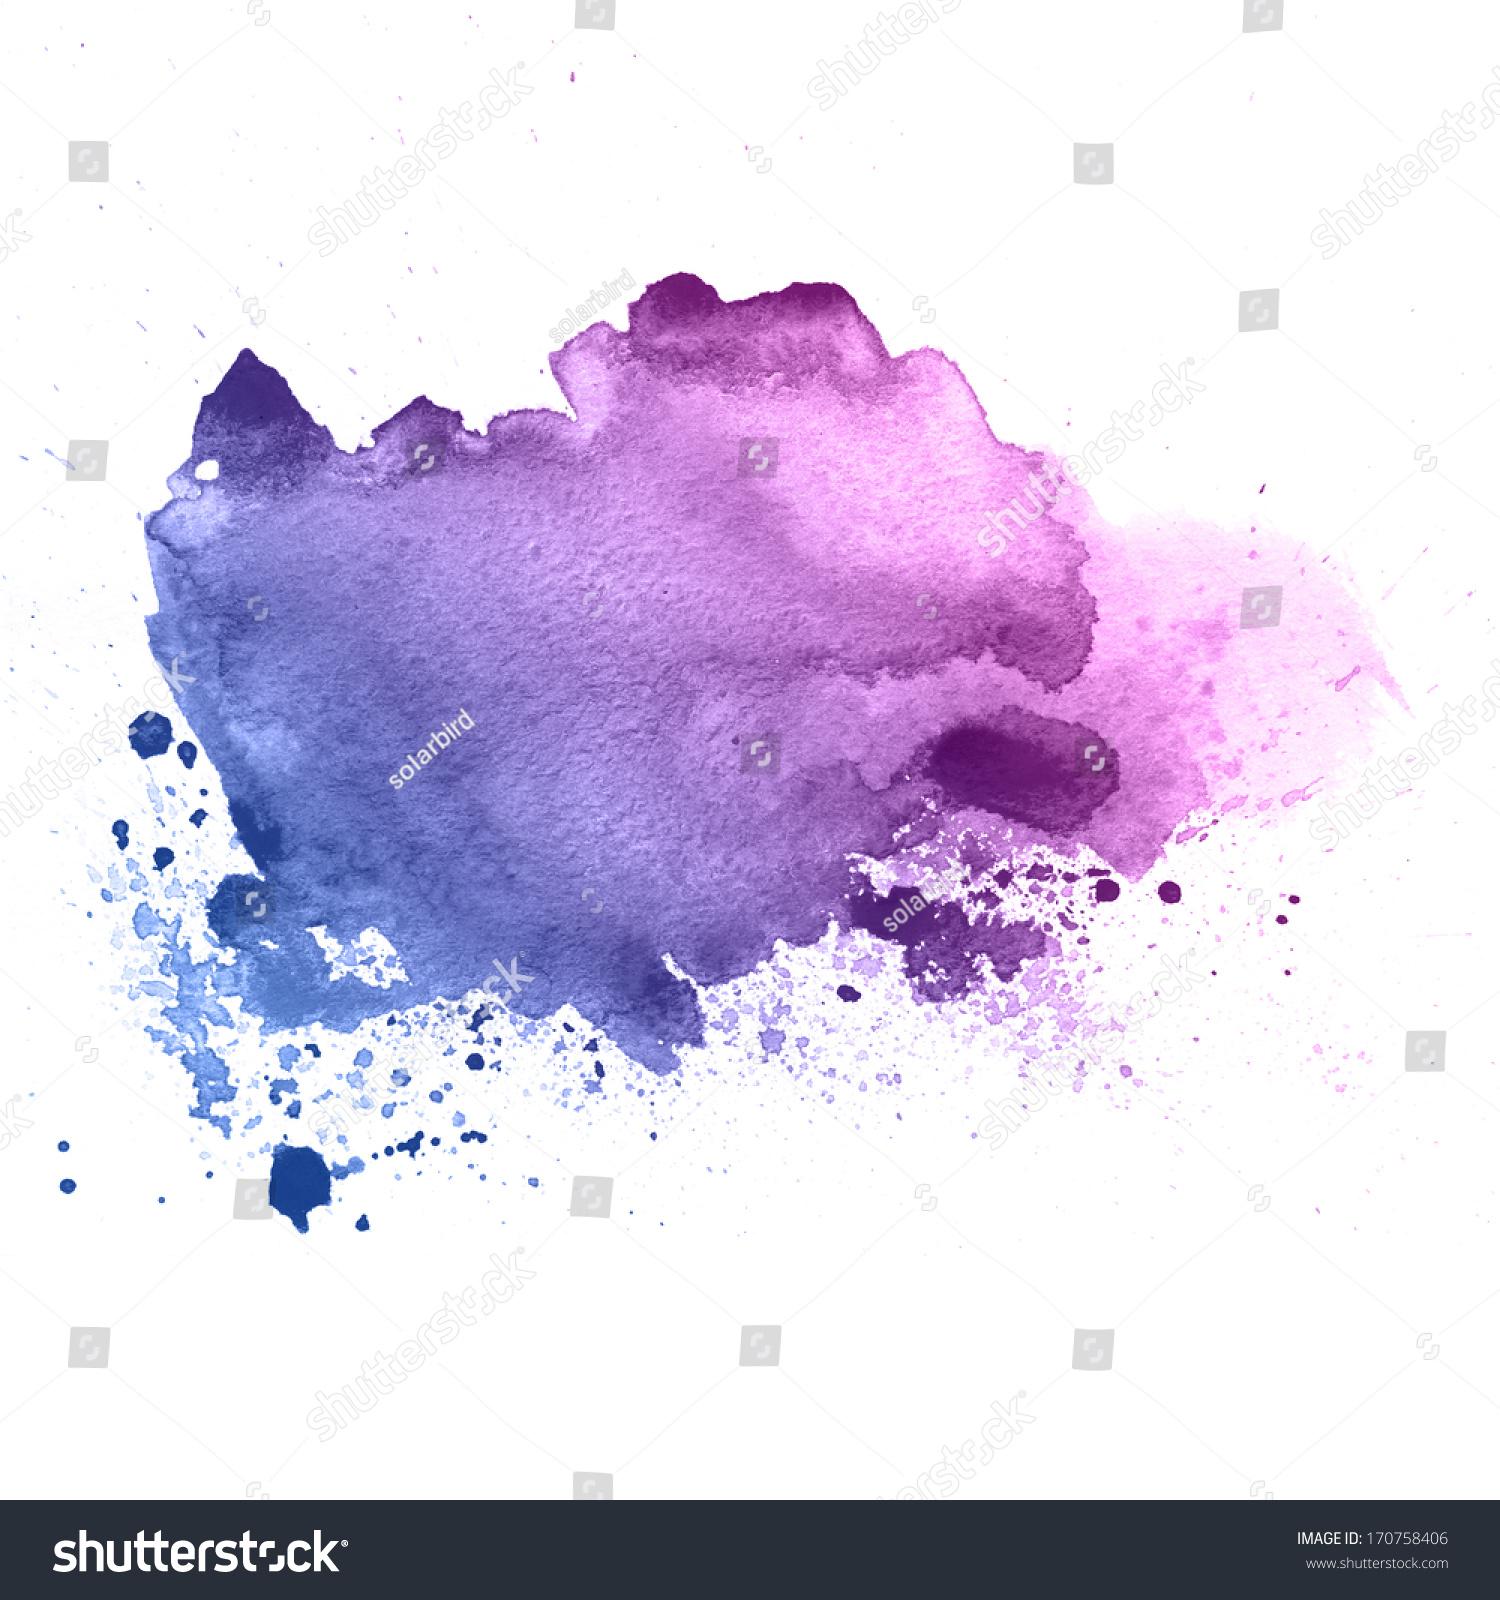 紫罗兰色的水彩滴纹理-背景/素材,抽象-海洛创意()-合